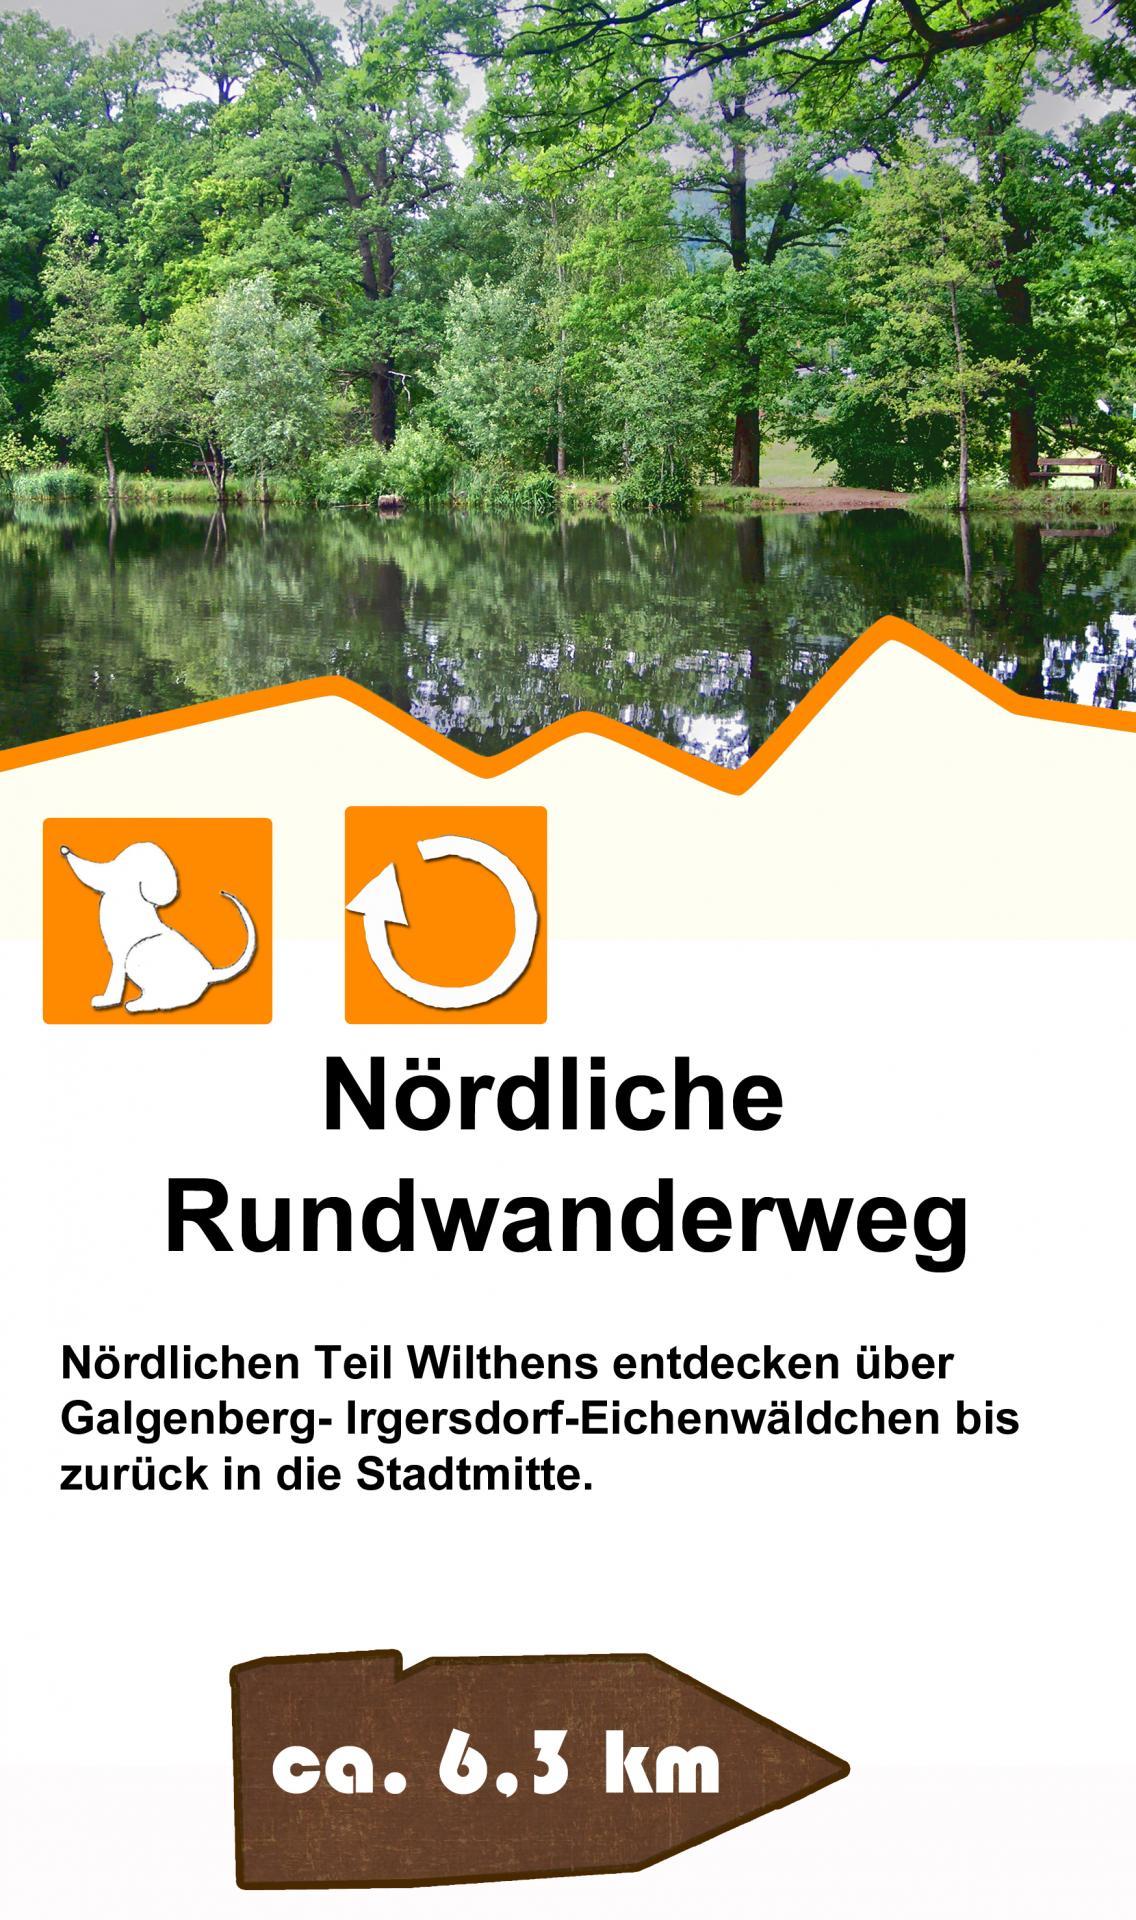 Nördlicher Rundwanderweg